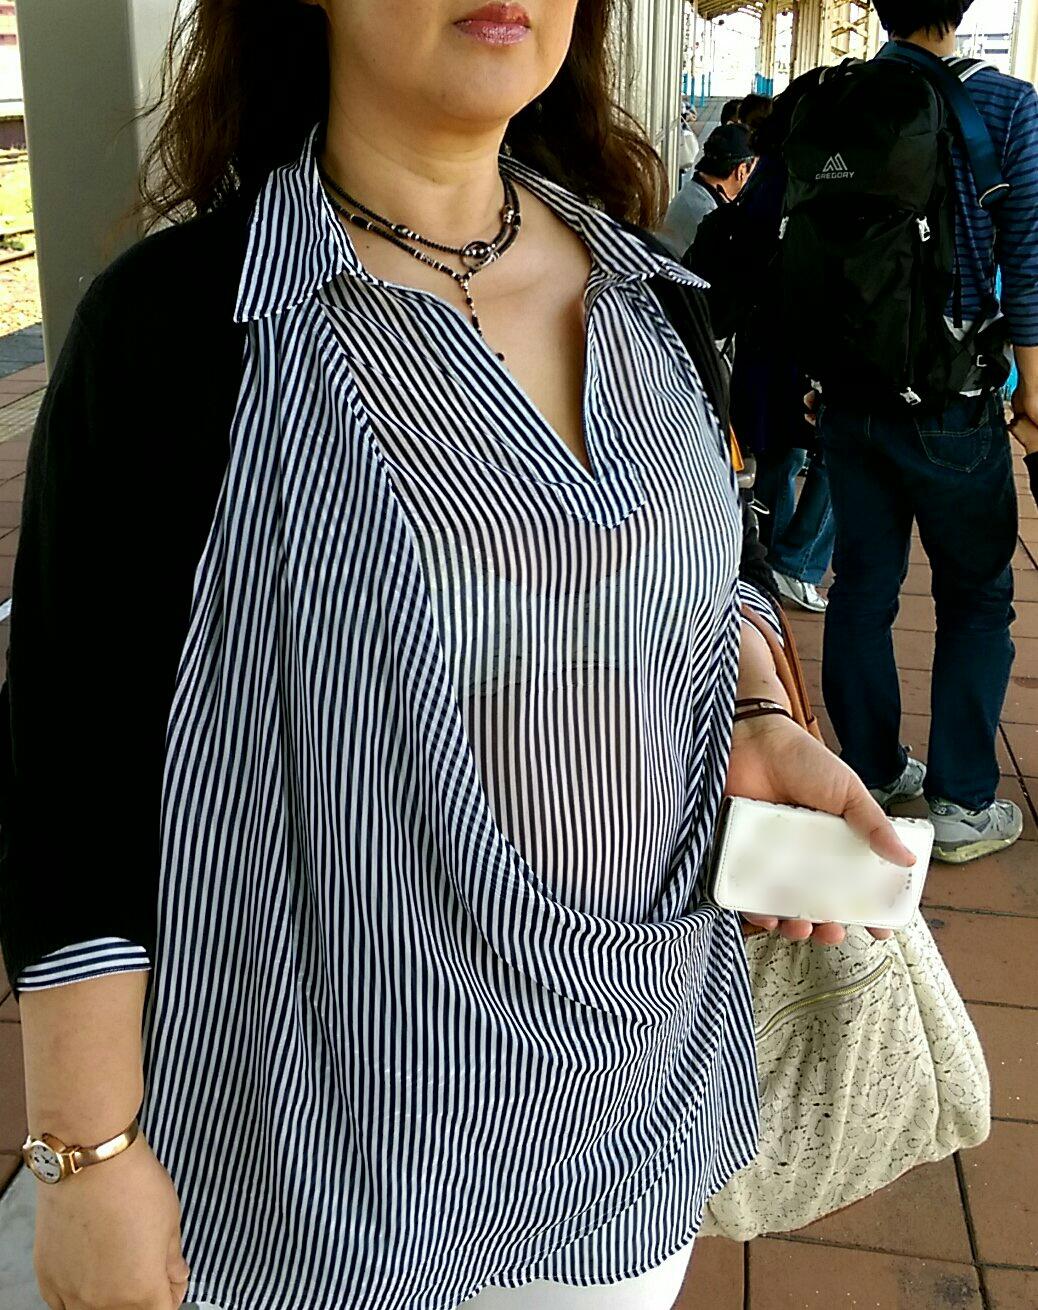 【おっぱい】ただの着衣巨乳には興味ありません!素人さんのパイスラが見たいんです!【35枚】 01